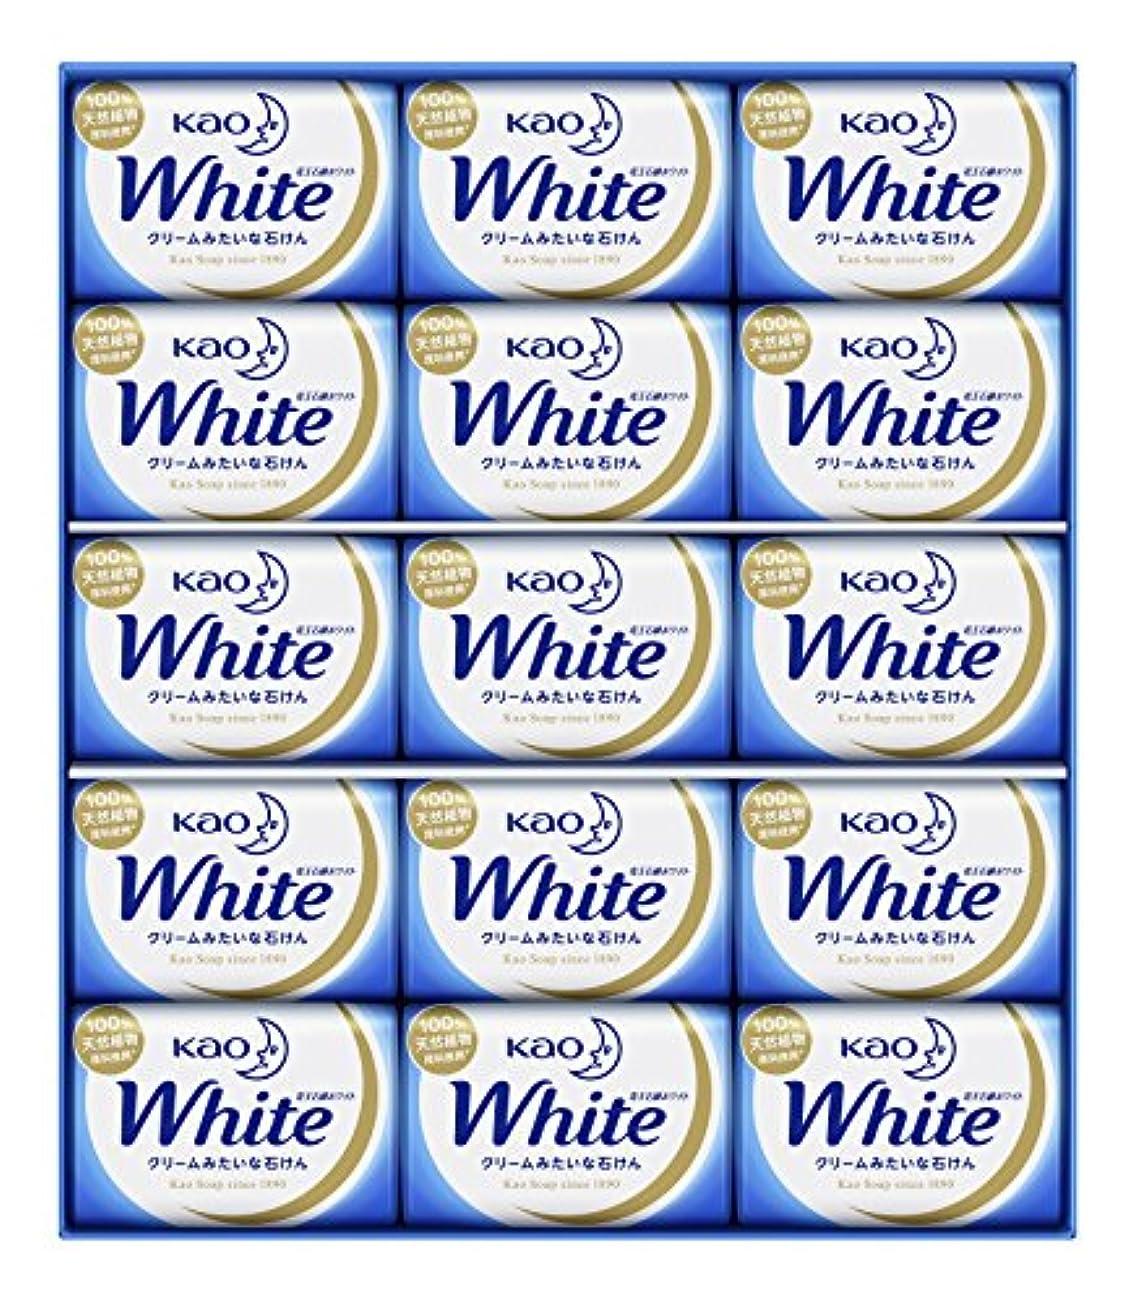 抑制するスーパーマーケット縞模様の花王ホワイト ギフト 85g 15コ K?W-15